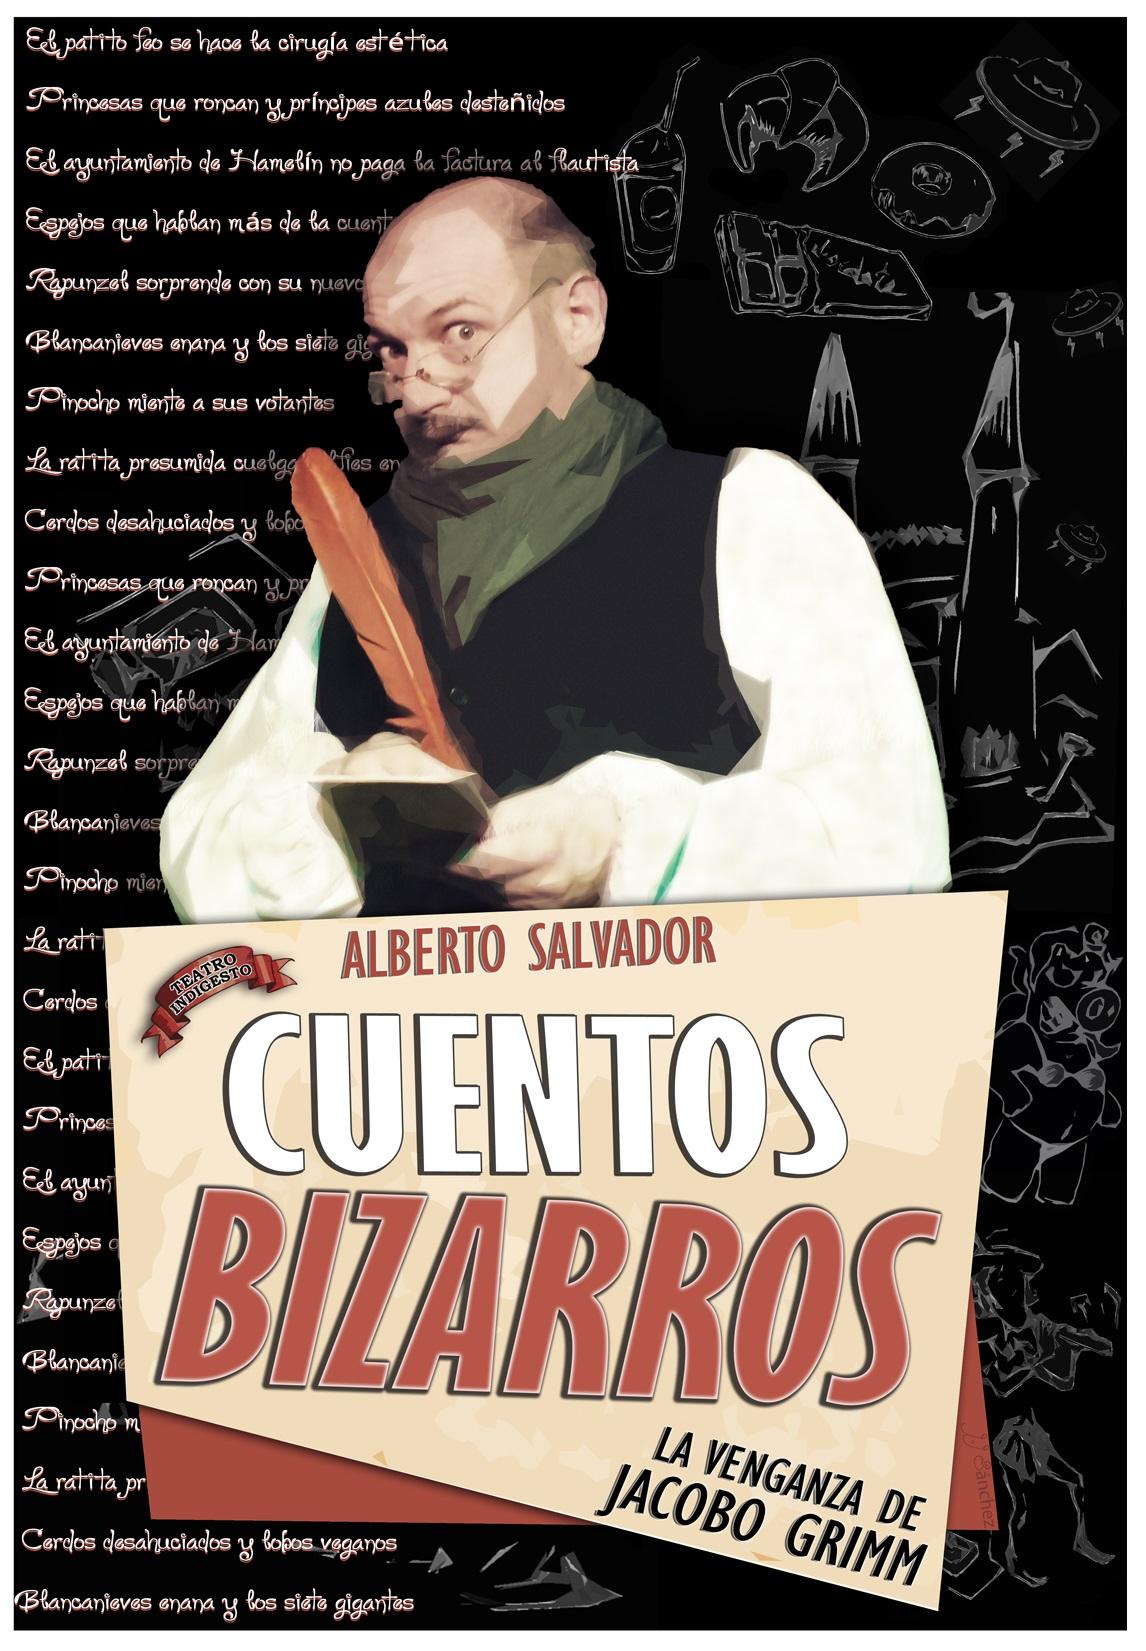 Cuentos Bizarros la venganza de Jacobo Grimm/ Alberto Salvador